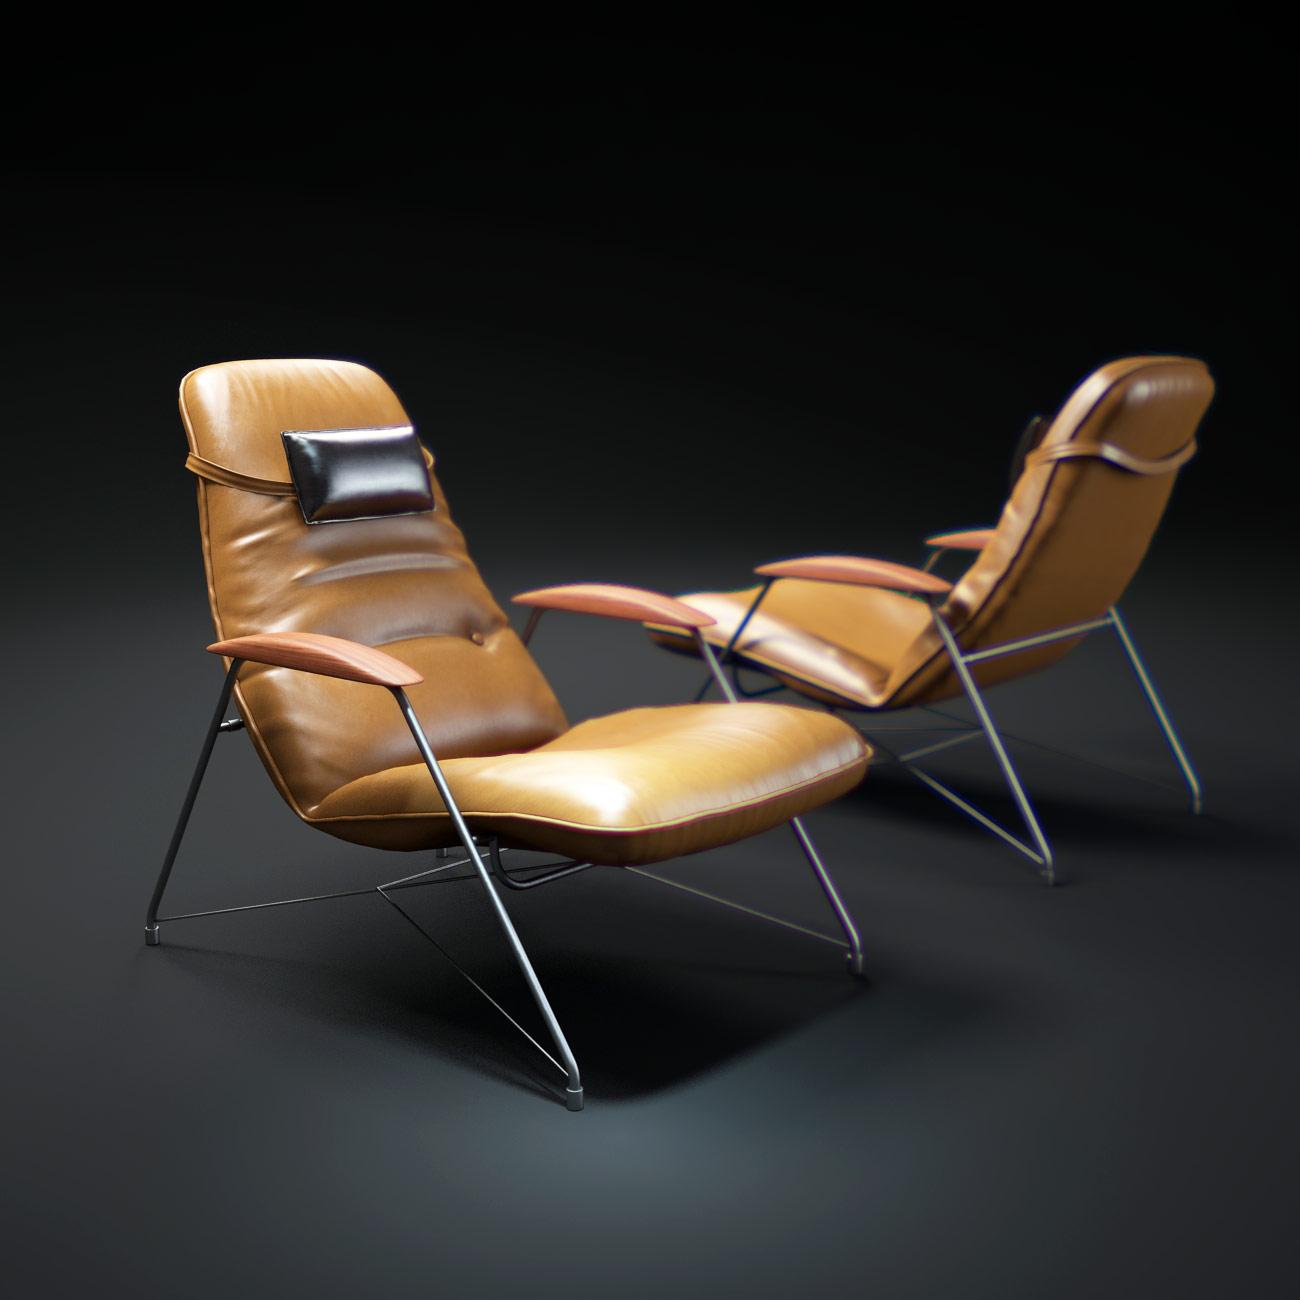 Astonishing Brazilian Lounge Chair Carlo Hauner Ibusinesslaw Wood Chair Design Ideas Ibusinesslaworg